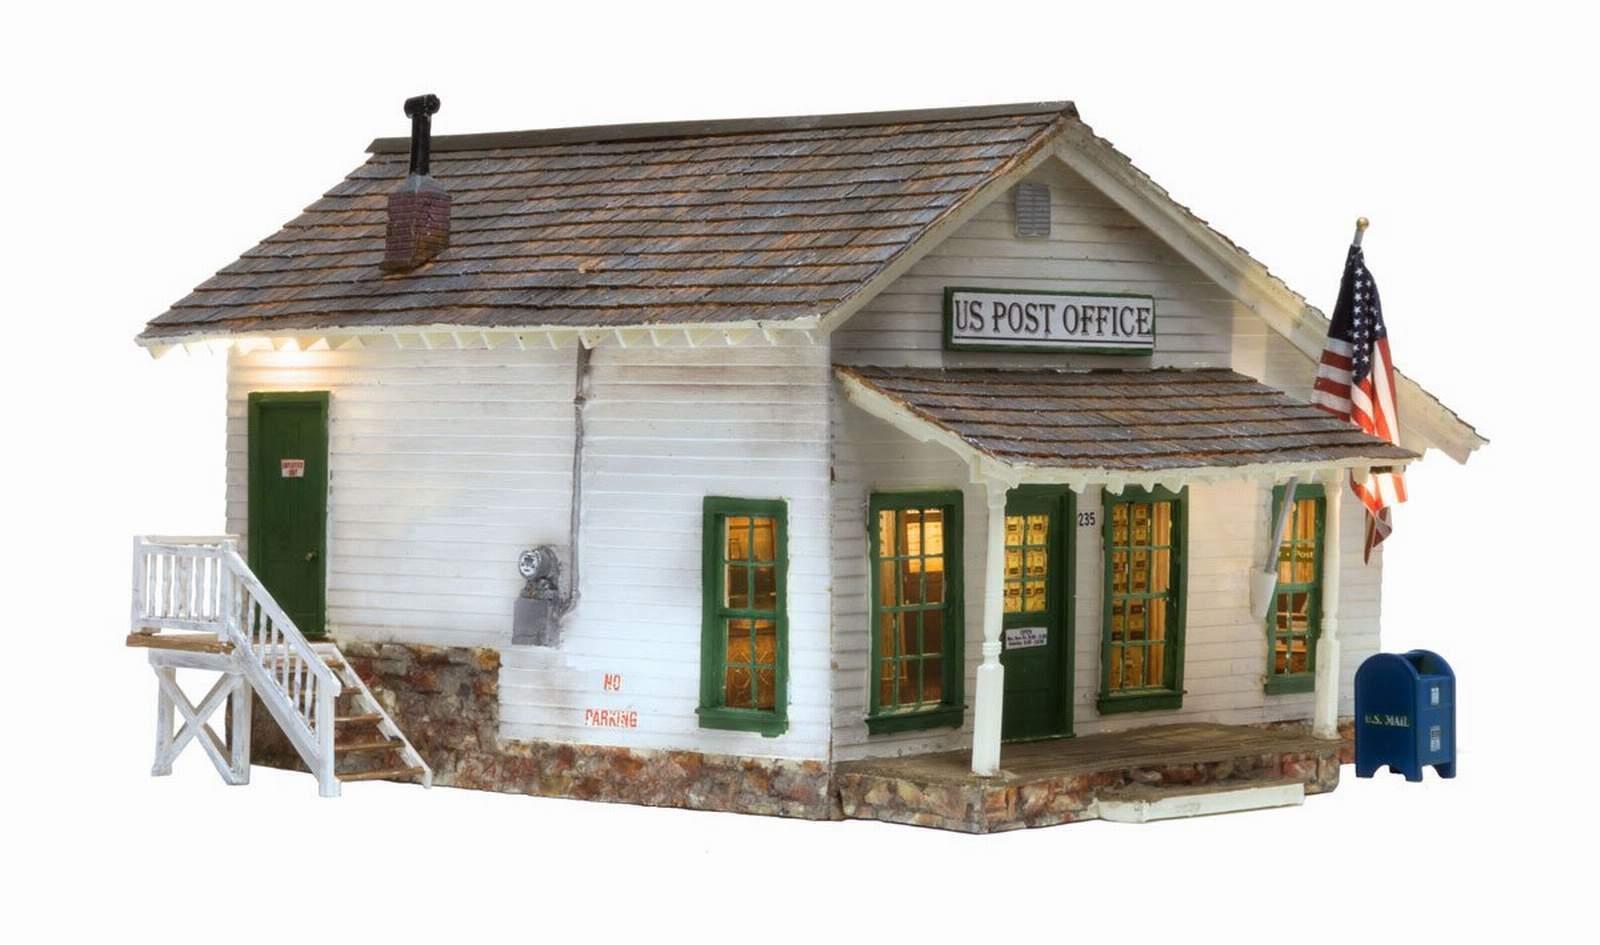 calidad fantástica Woodland Scenics construido y listo para cartas, paquetes & & & Post-Post Office o escala  tienda hace compras y ventas